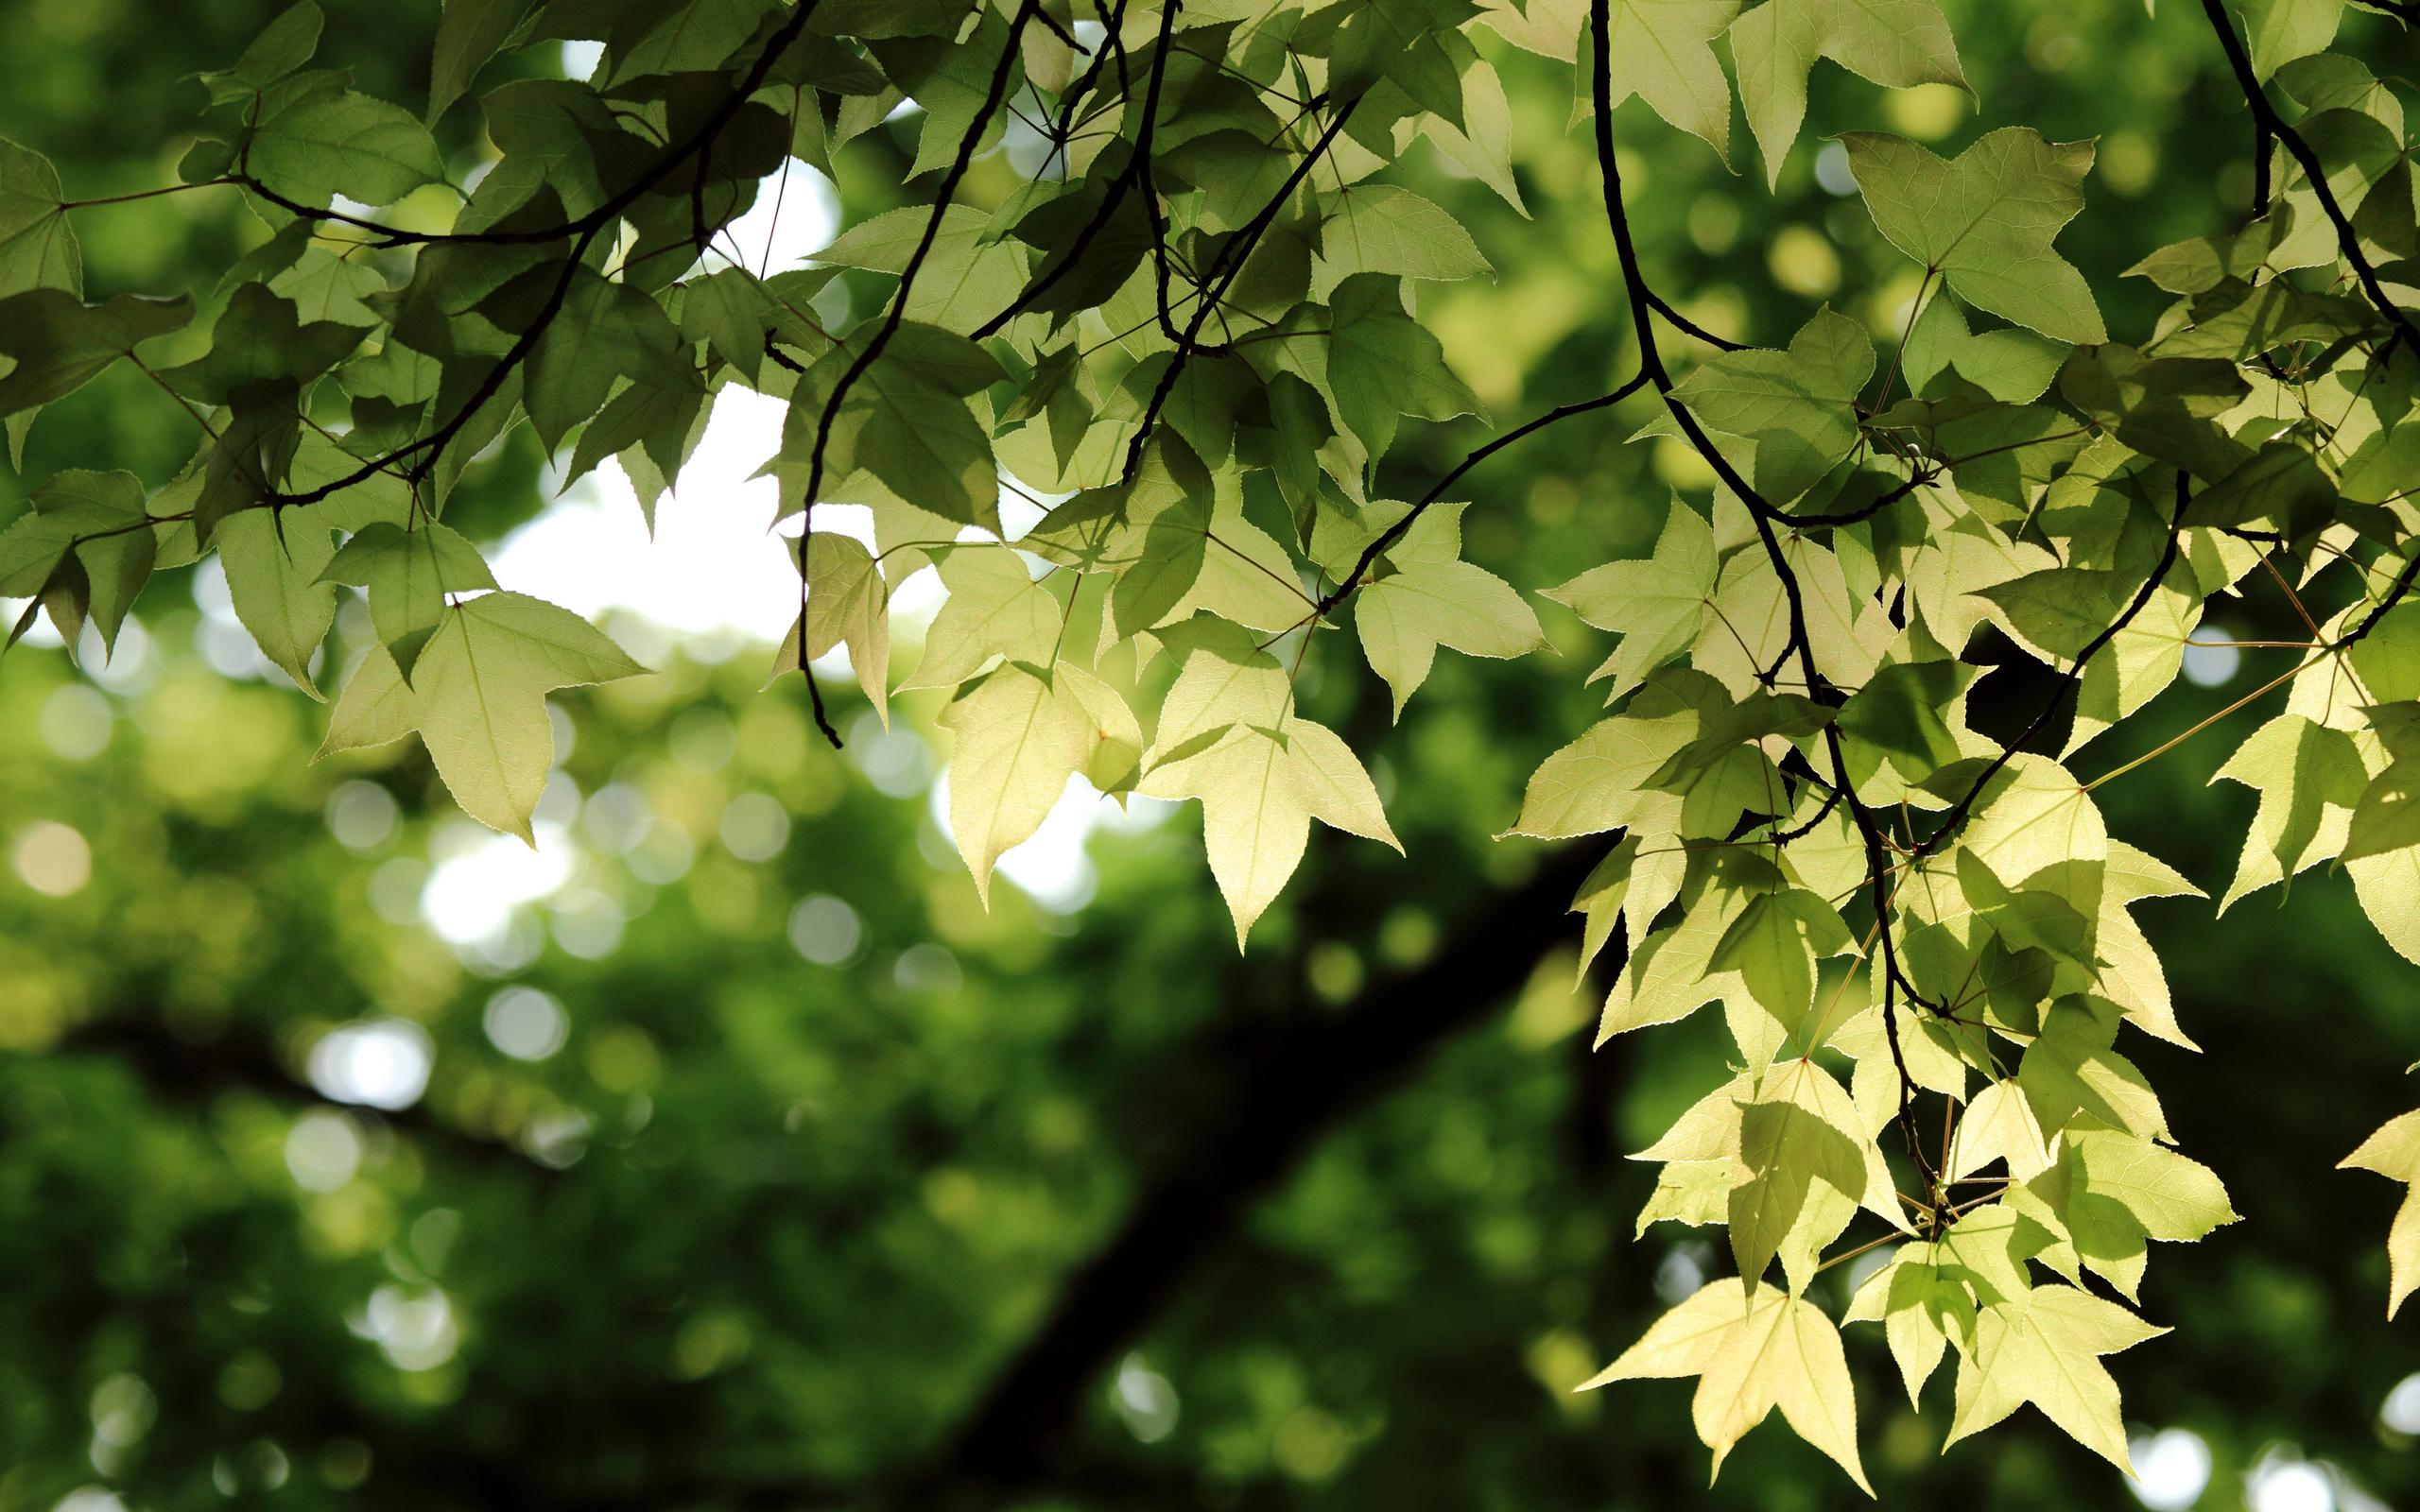 листья ветка забор палки загрузить